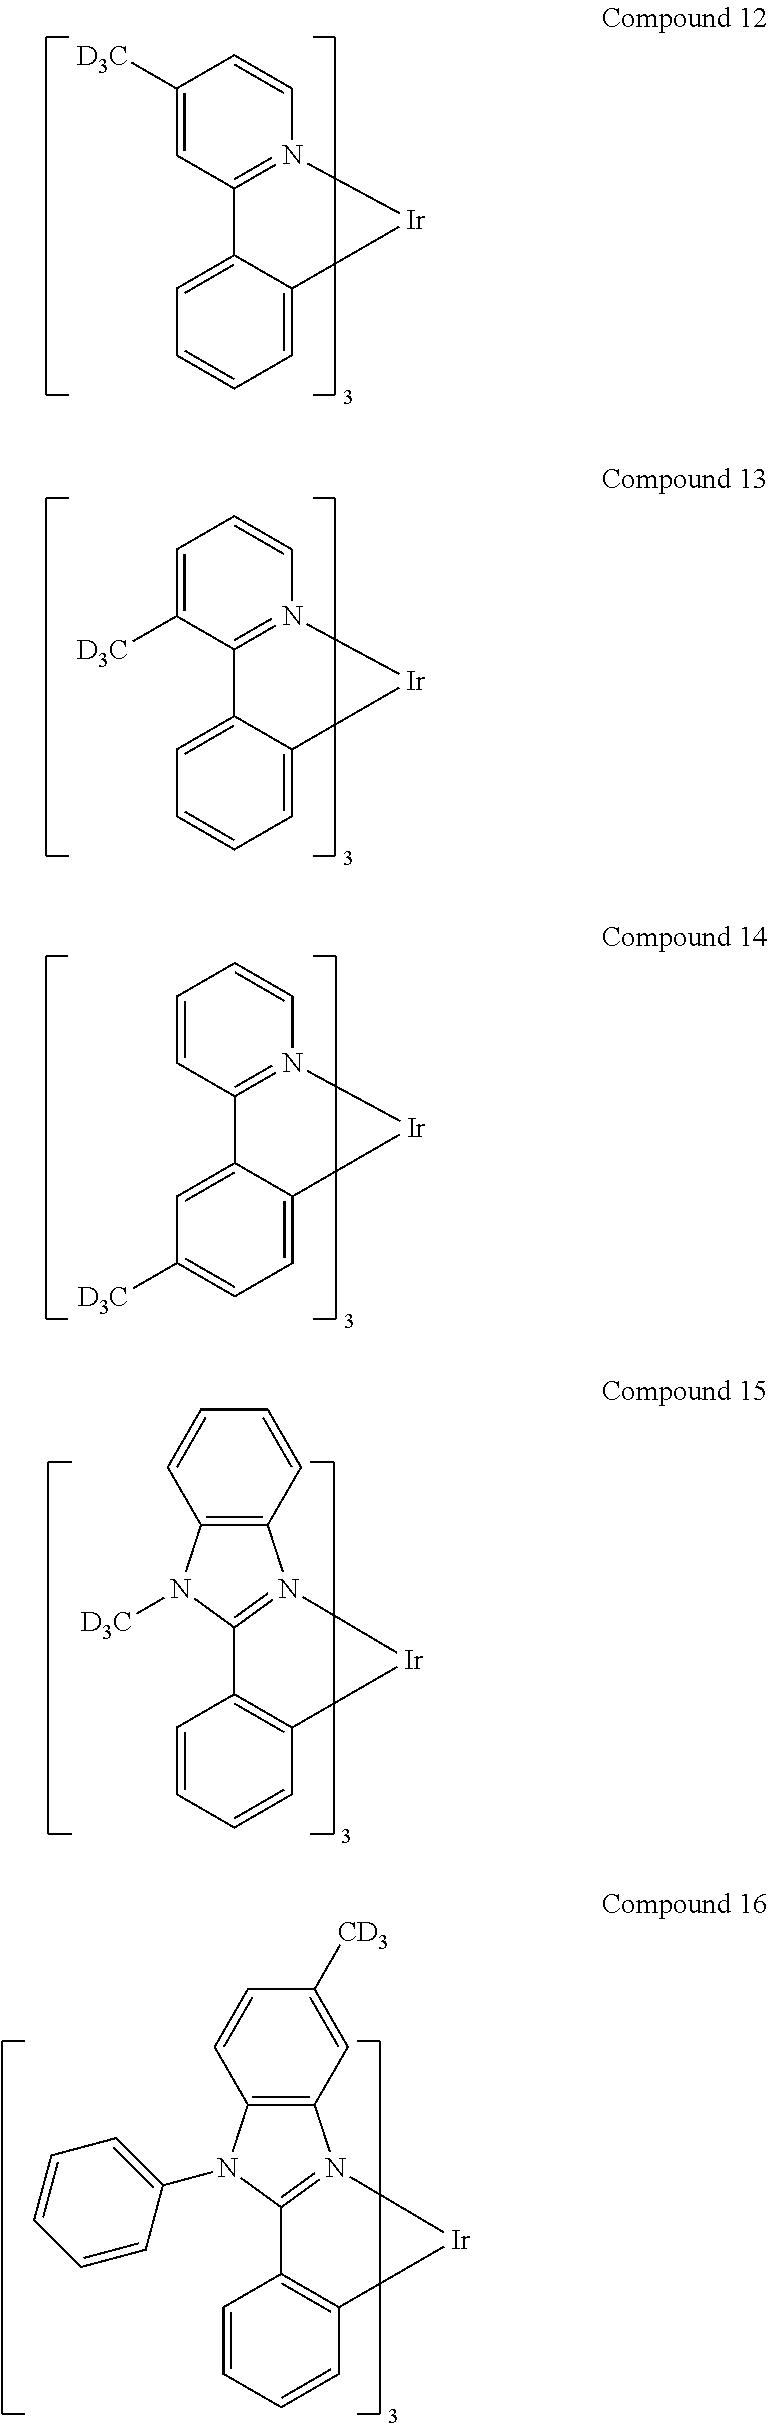 Figure US20100270916A1-20101028-C00163